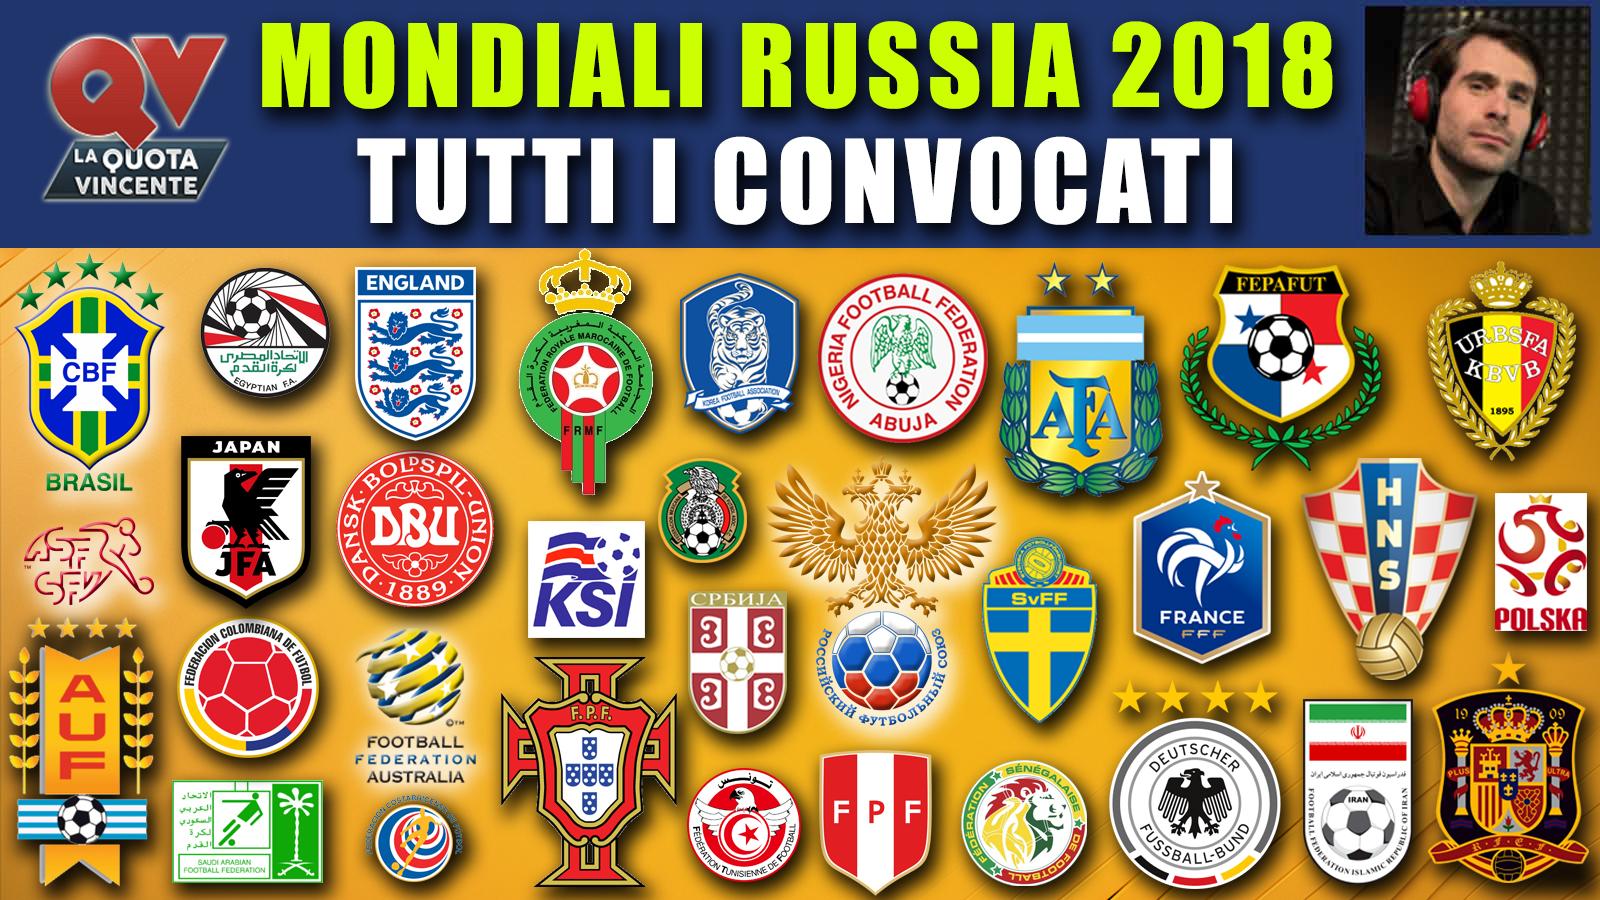 Convocati Mondiali Russia 2018: rose, obiettivi e quote antepost!